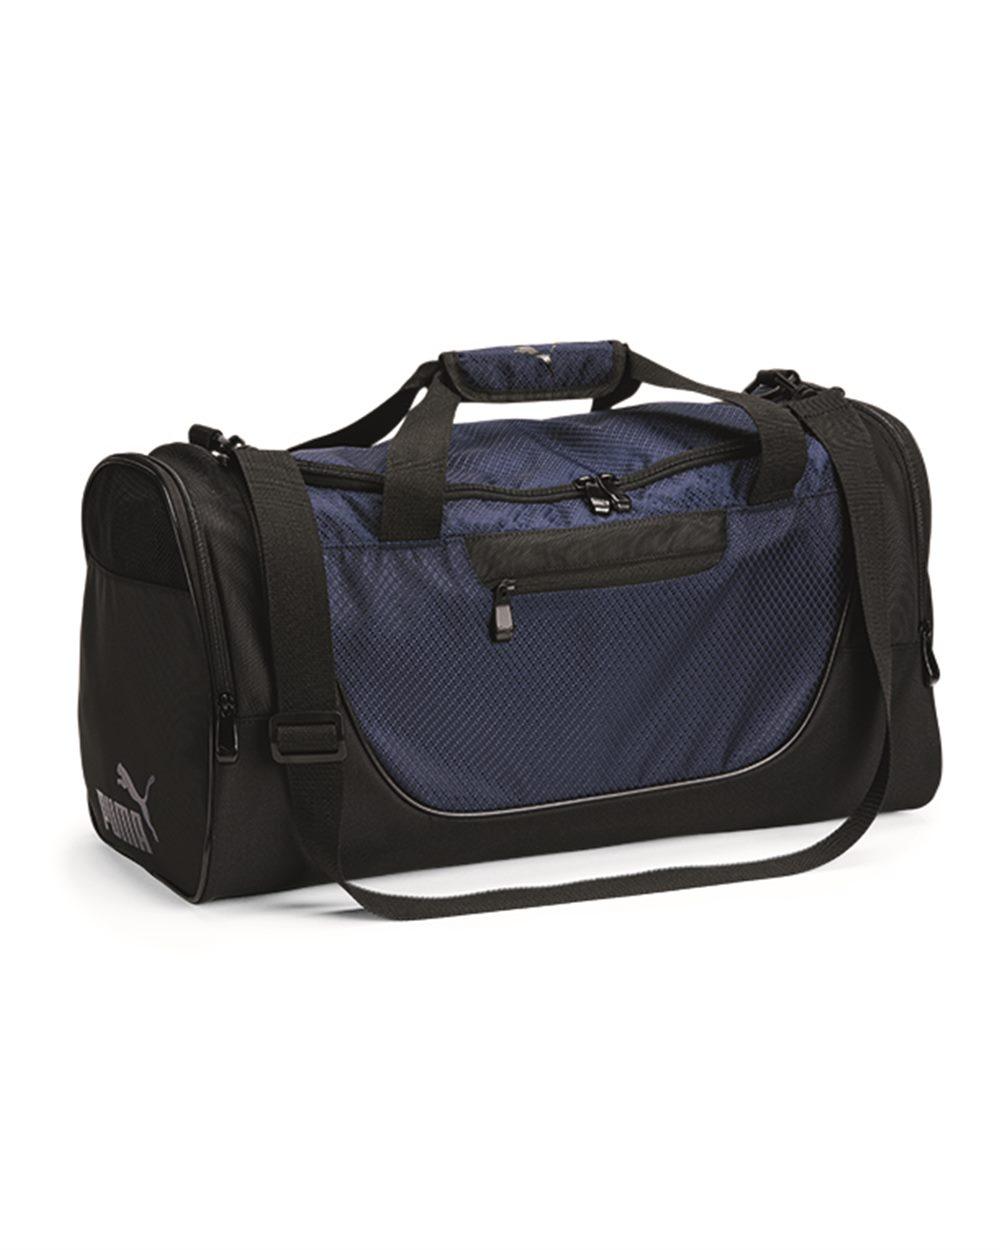 Puma PSC1032 - 34L Duffel Bag